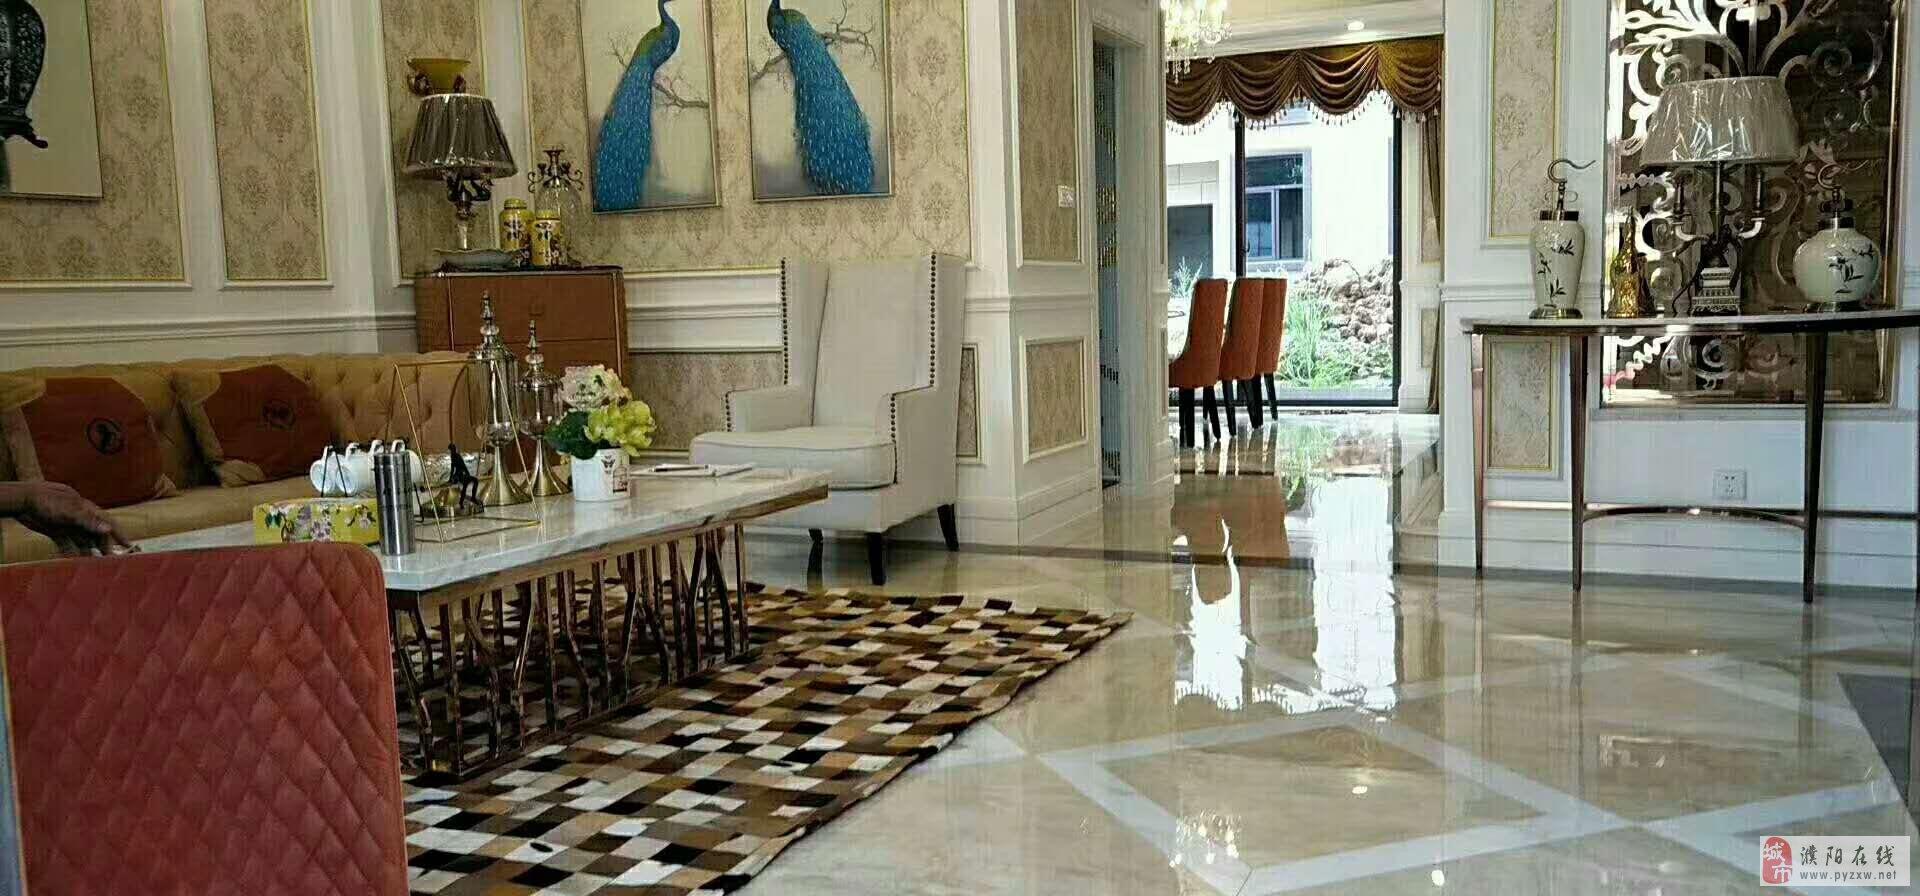 海南省儋州市城北世家5室2厅4卫176万元